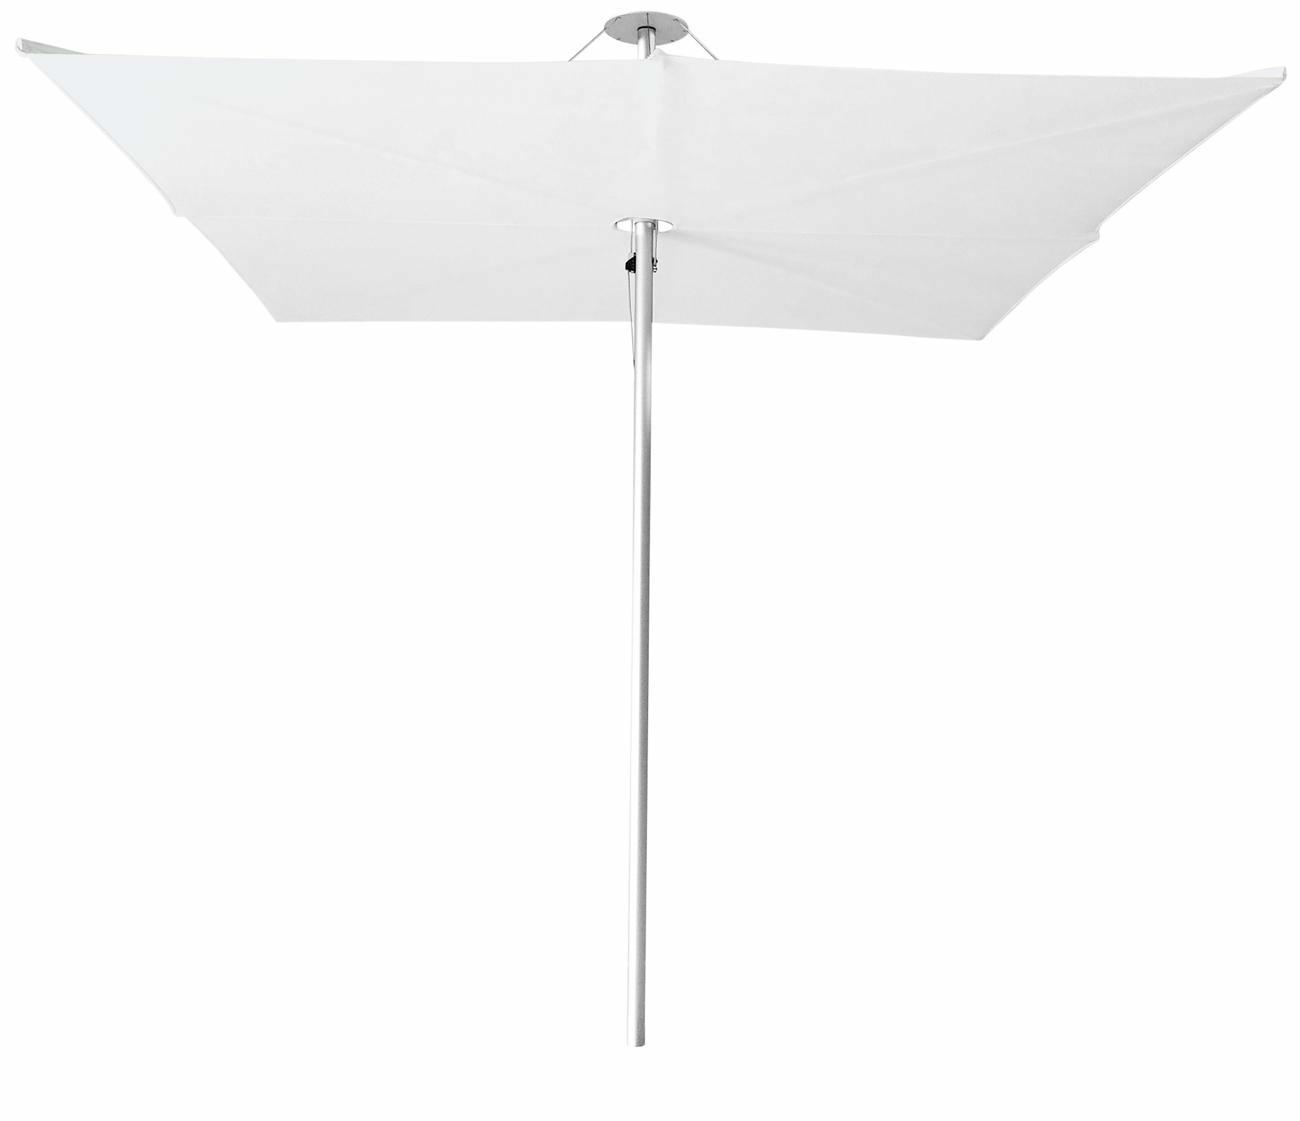 Infina garden umbrella